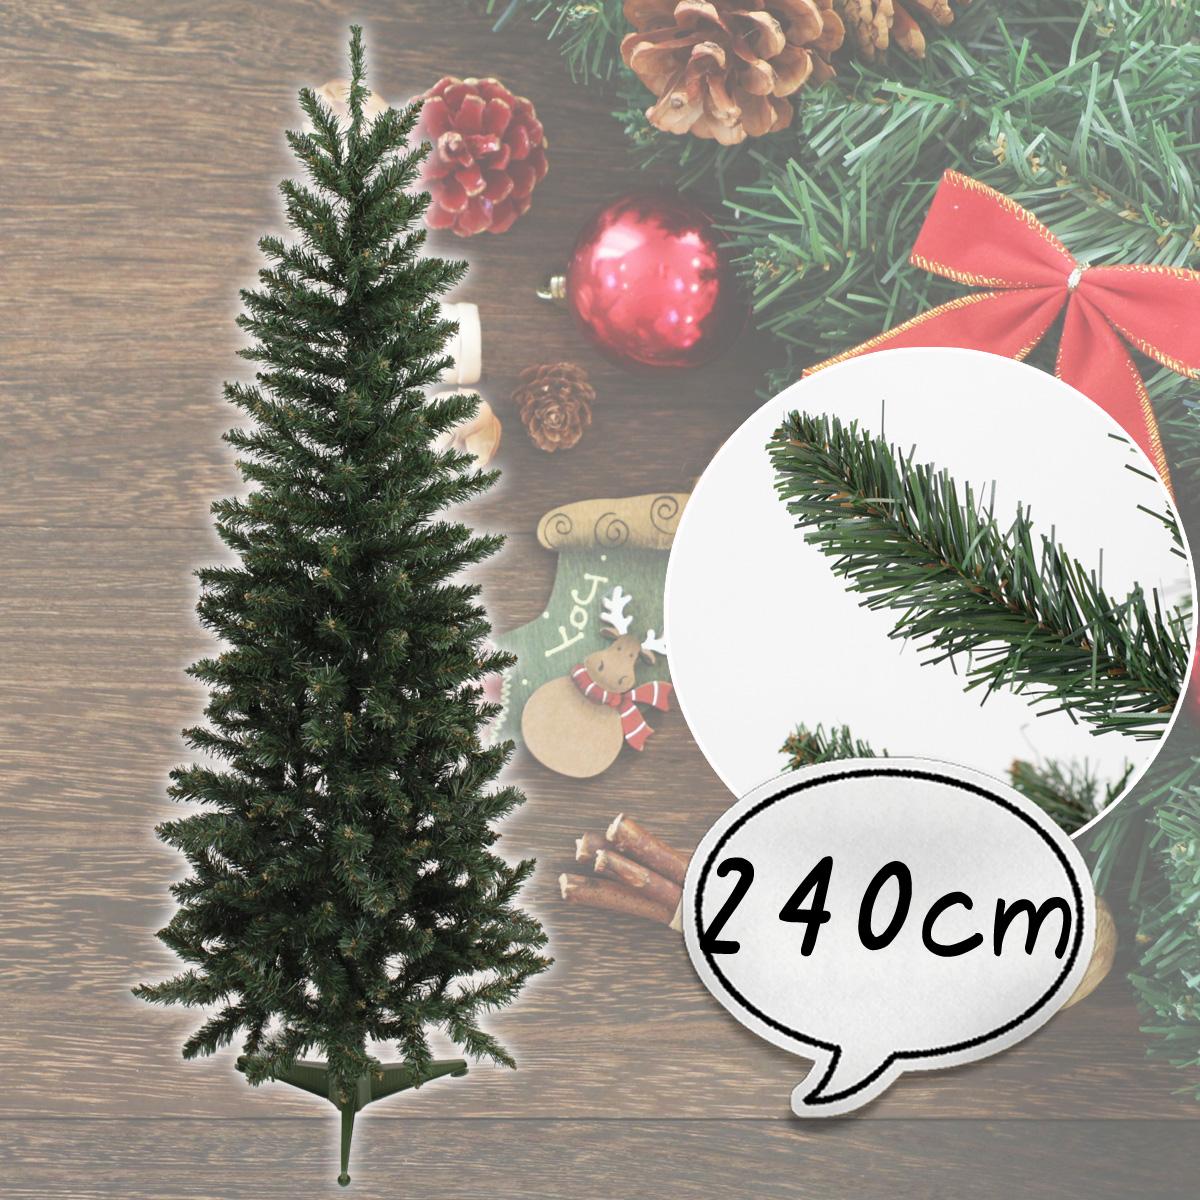 クリスマスツリー 240cm クラシカル スリムツリー ツリーの木 大型ツリー 北欧 おしゃれ 【10月下旬入荷予定】